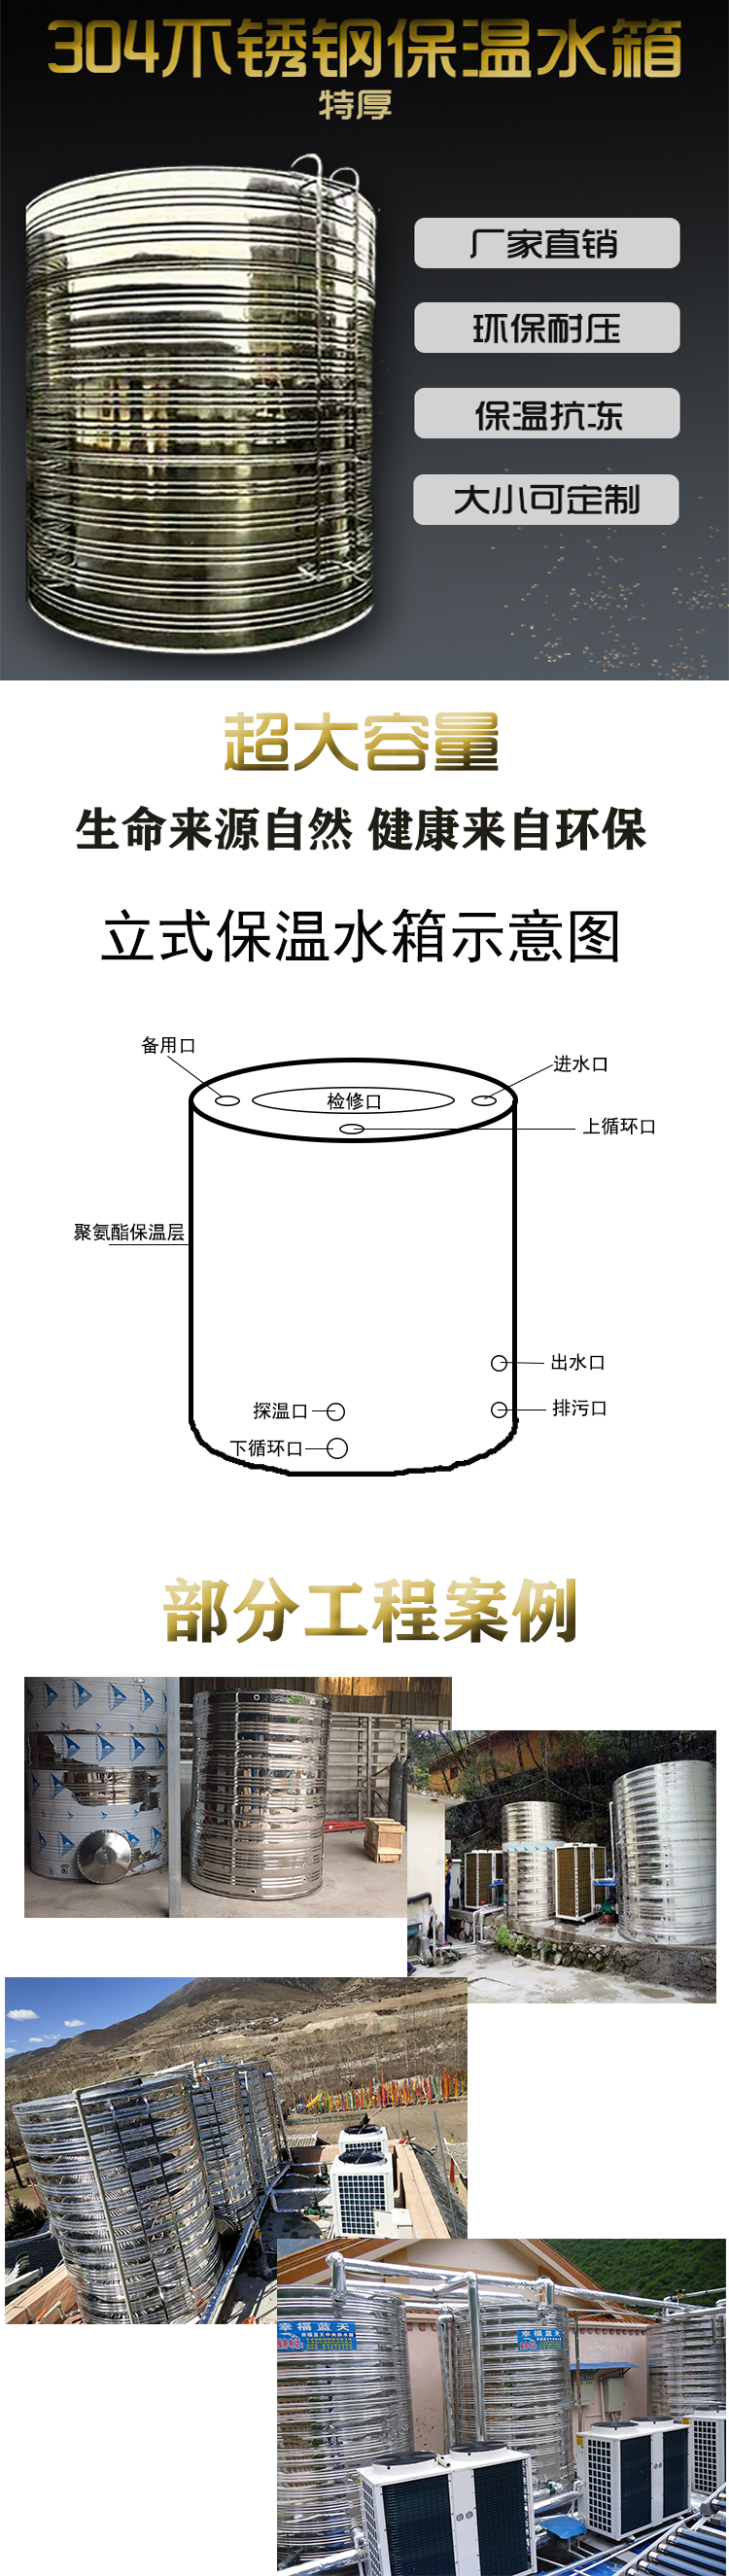 详情图.jpg